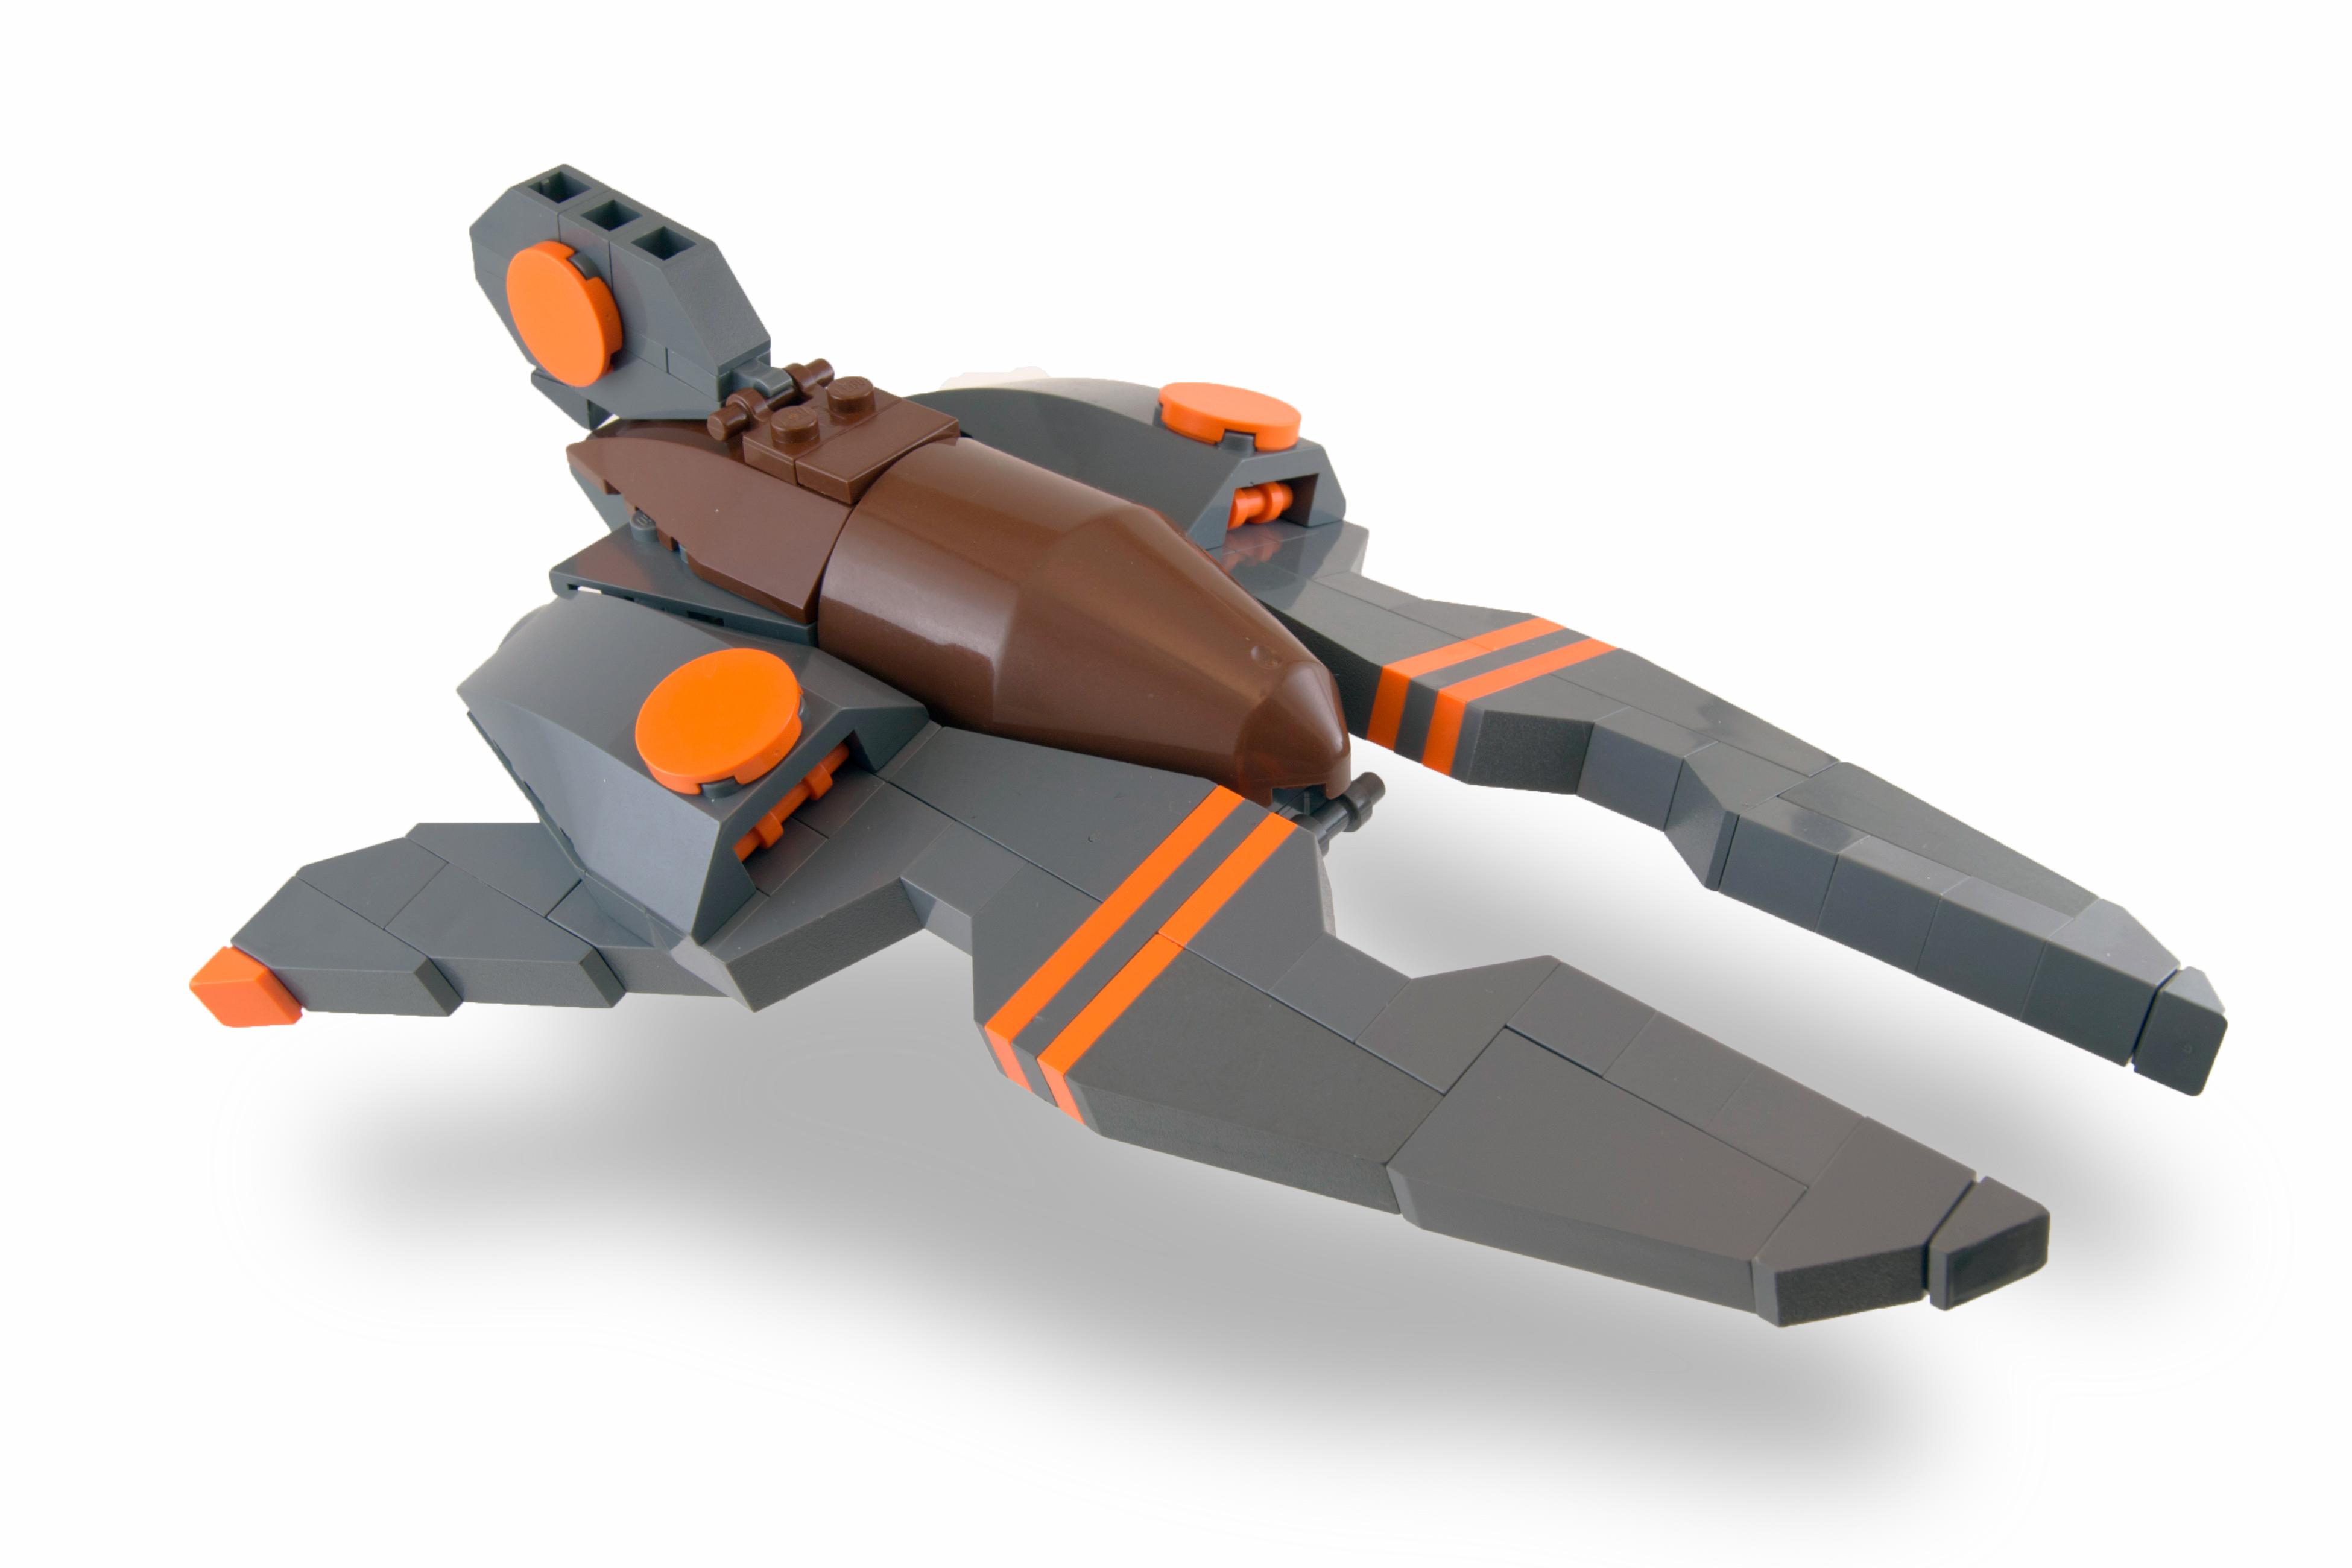 Fond d 39 cran illustration espace ailes v hicule - Avion de chasse en lego ...